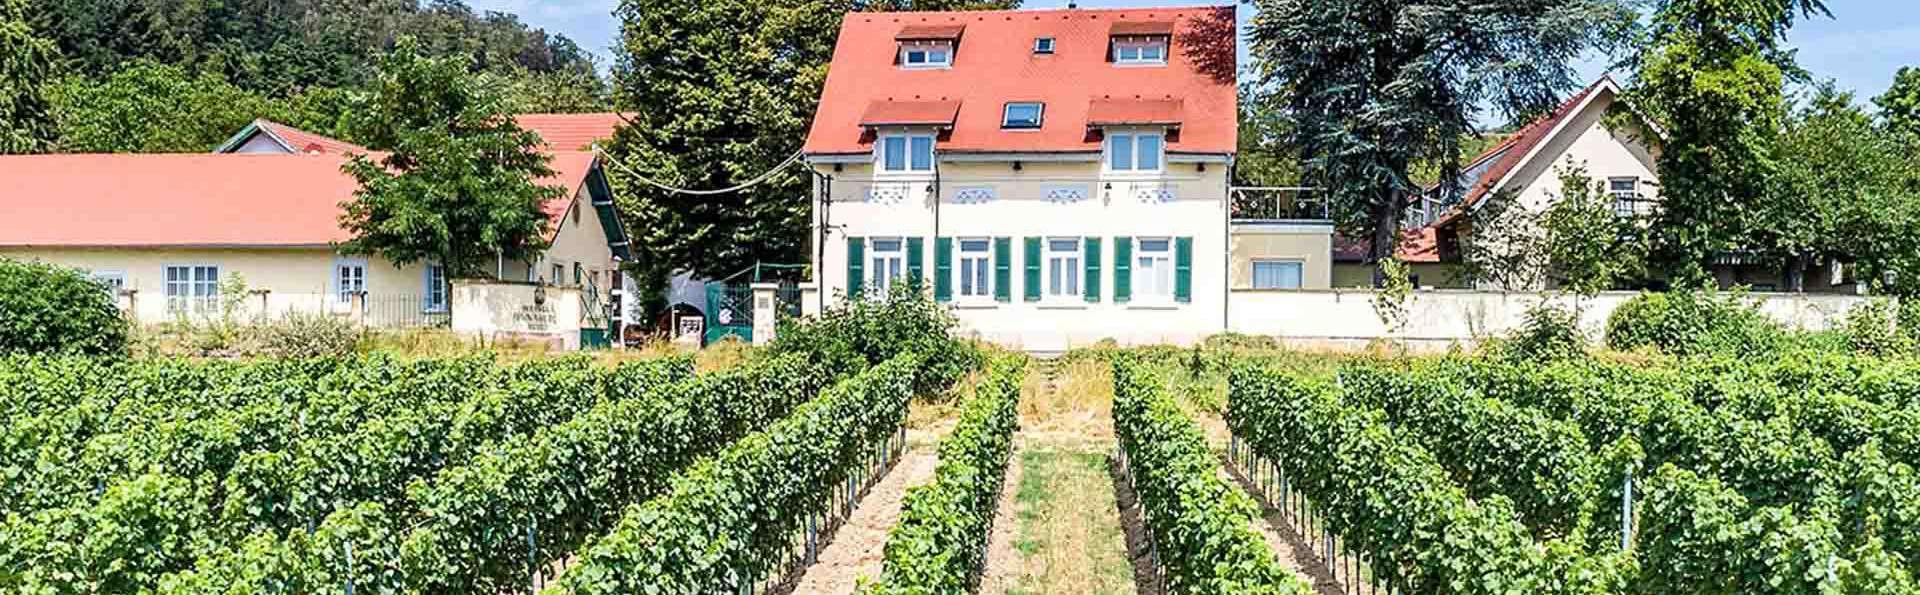 Halbersbacher Hotel Annaberg - EDIT_weinhang-annaberg_01.jpg